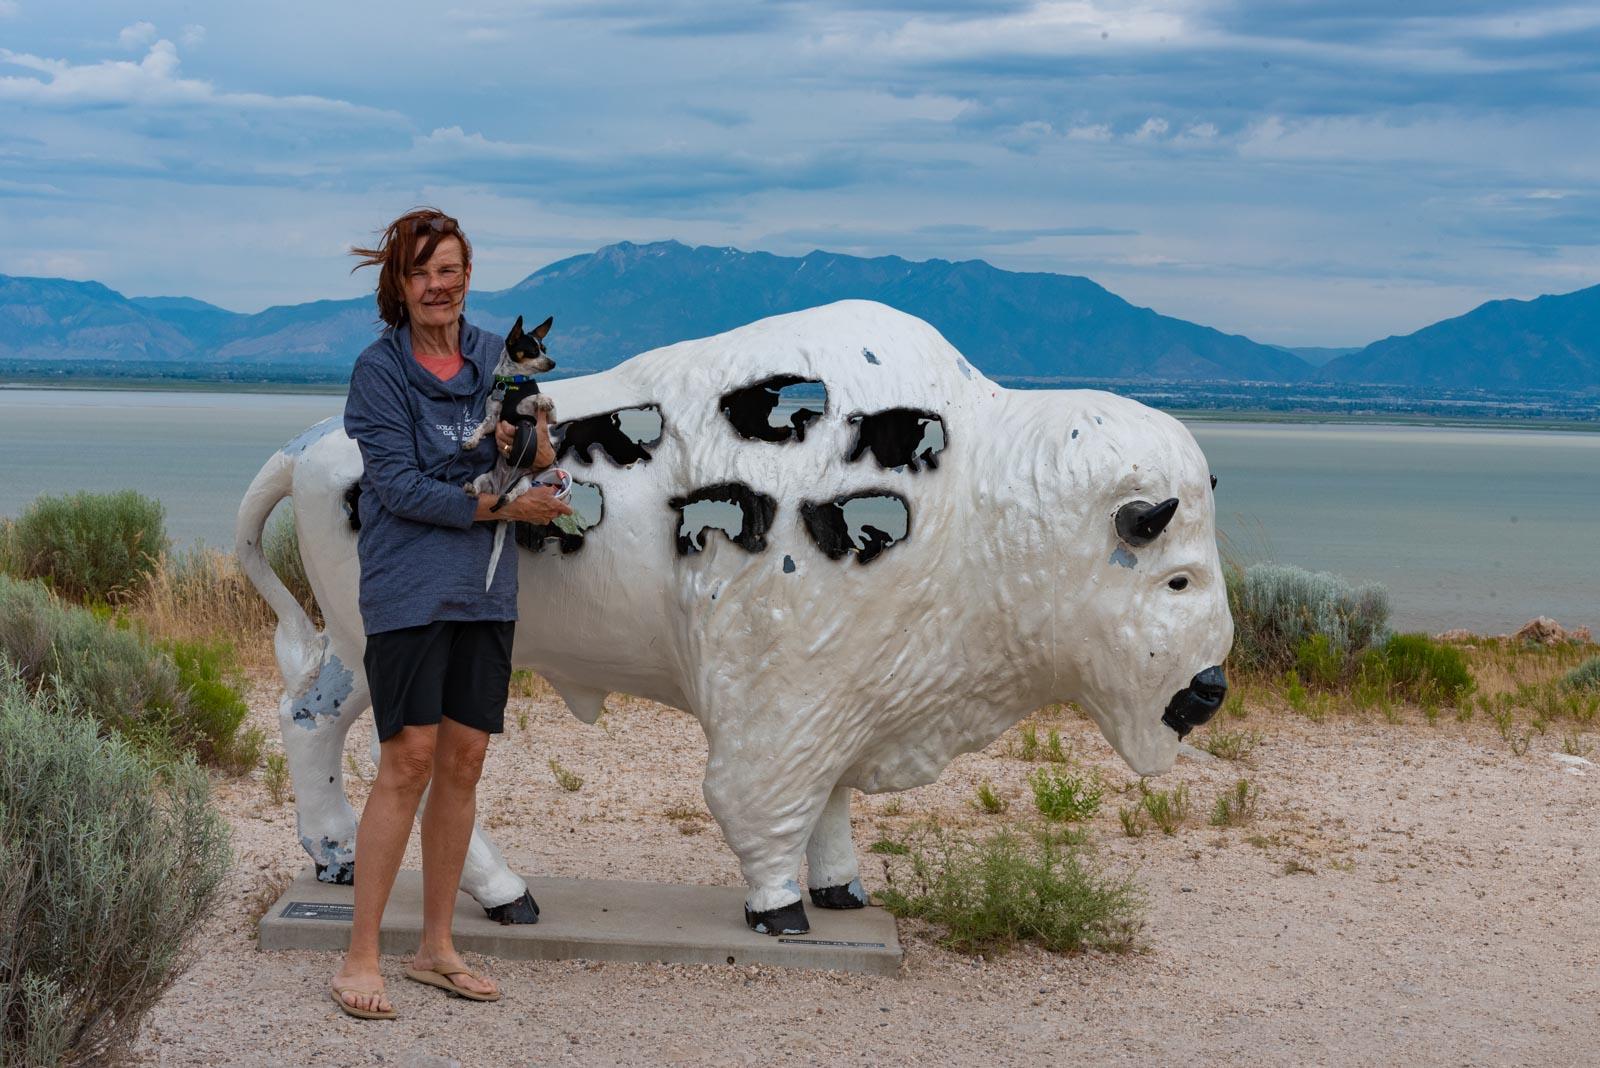 Not a real buffalo